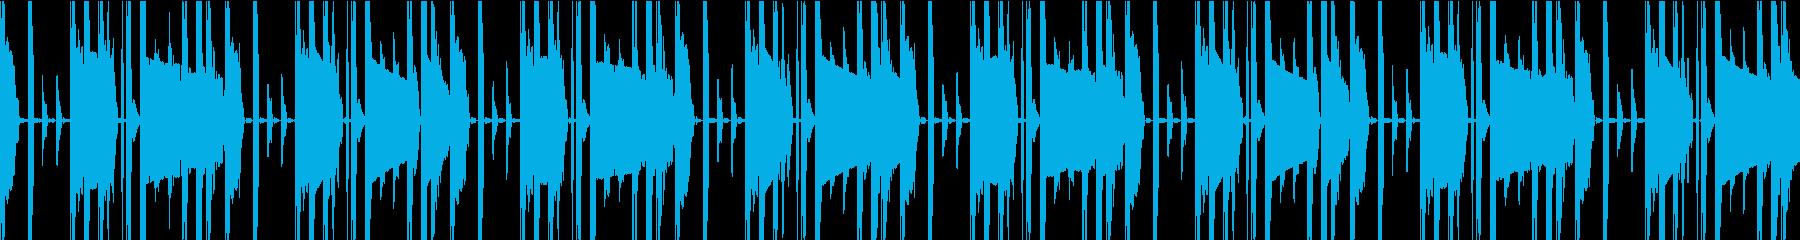 デジタルなシンキングタイム(ループ可)の再生済みの波形